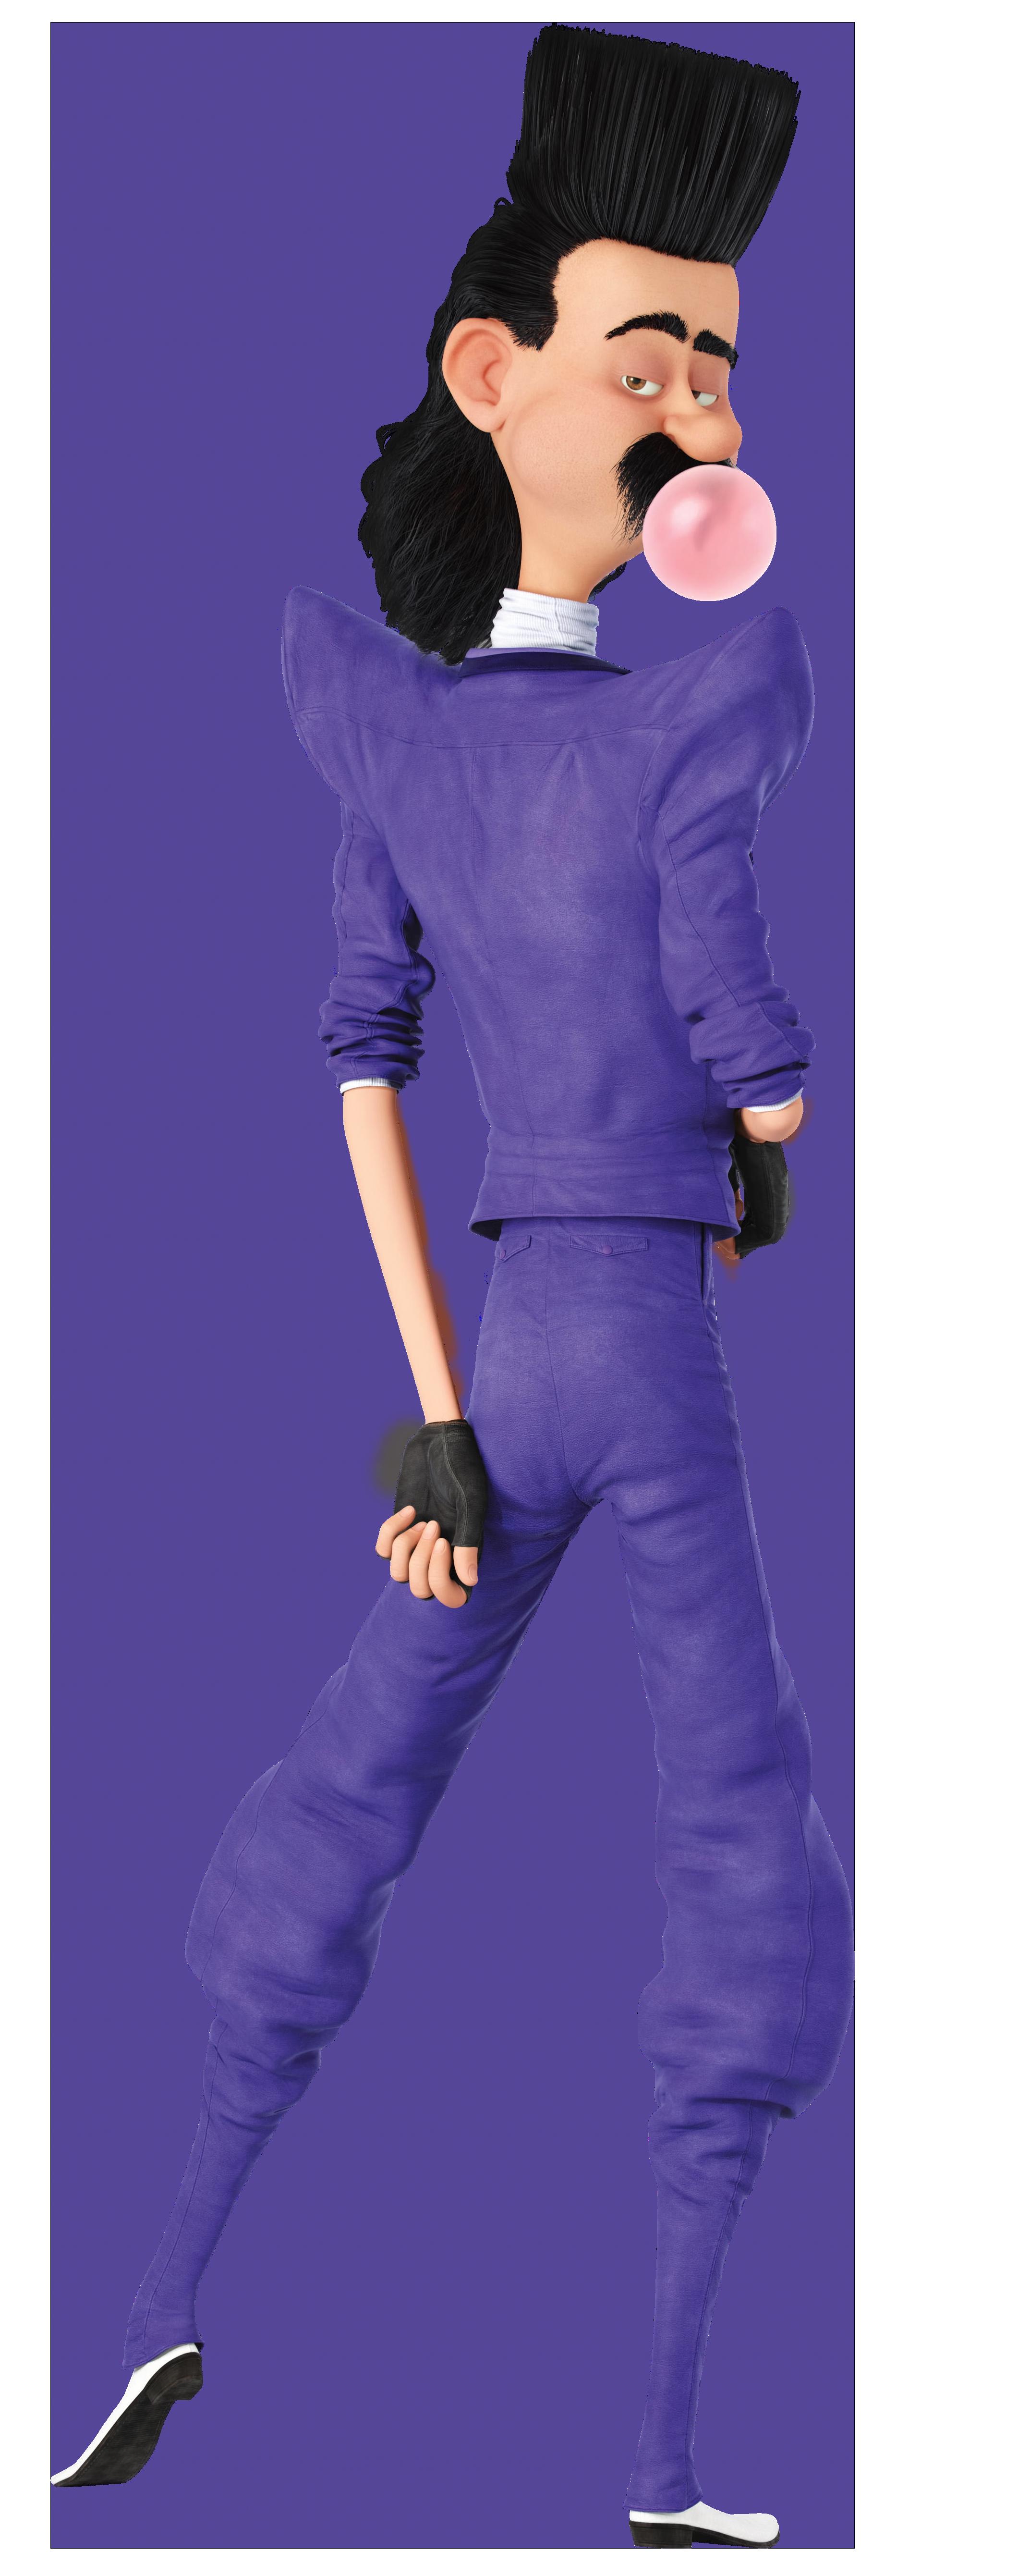 Balthazar Bratt Despicable Me 3 Transparent PNG Clip Art Image.